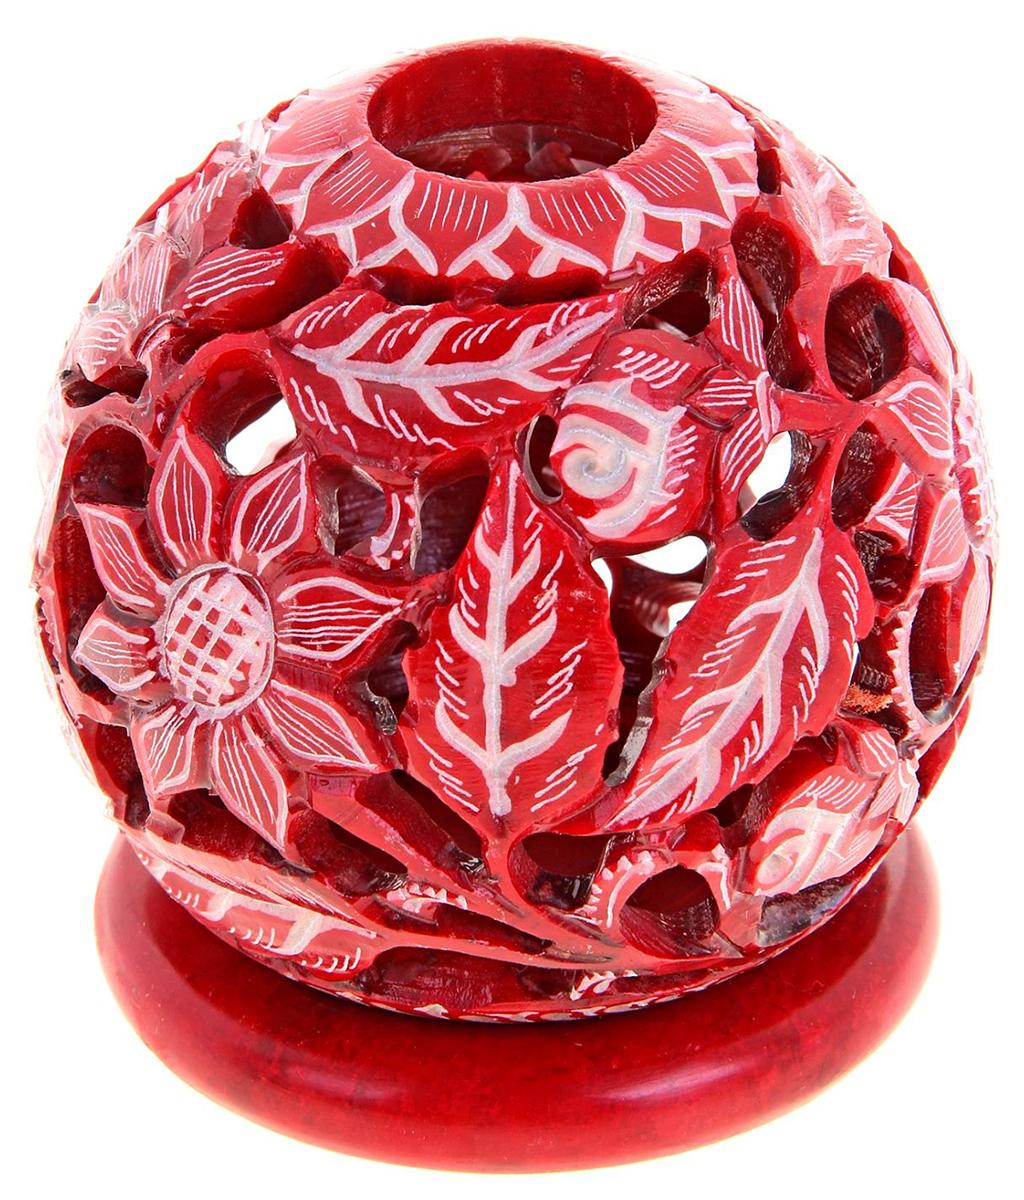 """Искусные индийские мастера выполнили Подсвечник-шар """"Волшебство"""", резной из стеатита в соответствии с древними традициями обработки камня. Посмотрите на узор этого прекрасного изделия, от него невозможно оторвать свой взгляд, проработано все до мельчайших деталей. Вы также можете вставить в серединку ароматическую палочку, а если снять шар, то изумительный подсвечник легким движением руки превратится в подставку под благовония-конус или же подсвечник для толстых свечей. Универсальная вещь, которая придаст нотку азиатской экзотики в привычную обстановку."""